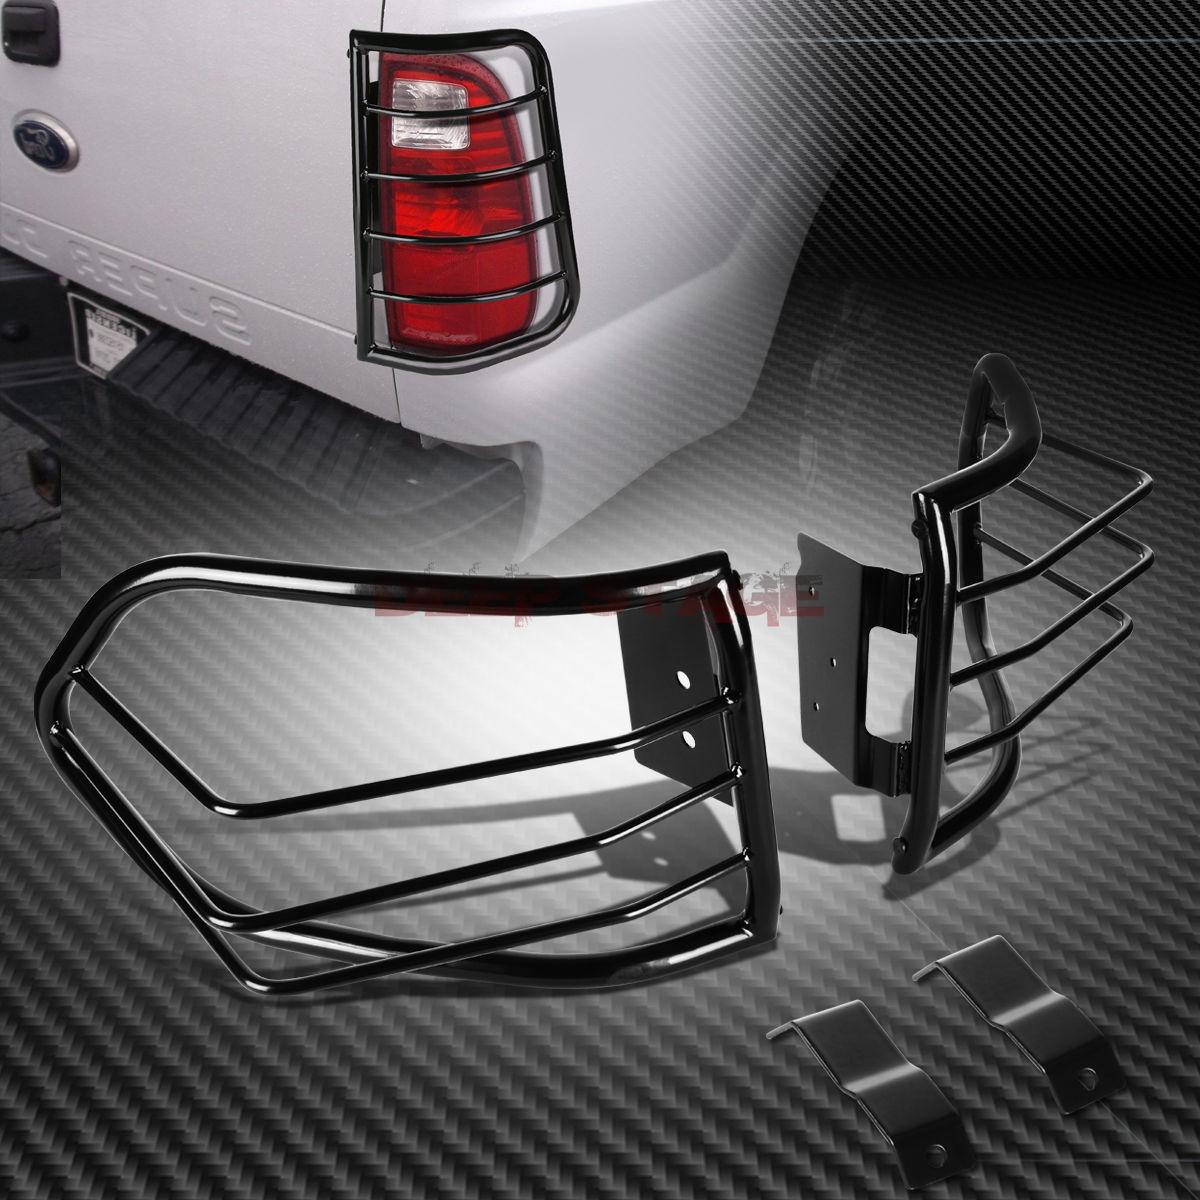 US ライトガード プロテクター ブラックスチールテールライト/ランプケージガードカバー+ 07-12 FJクルーザーSUV用マウントキット BLACK STEEL TAIL LIGHT/LAMP CAGE GUARD COVER+MOUNT KIT FOR 07-12 FJ CRUISER SUV